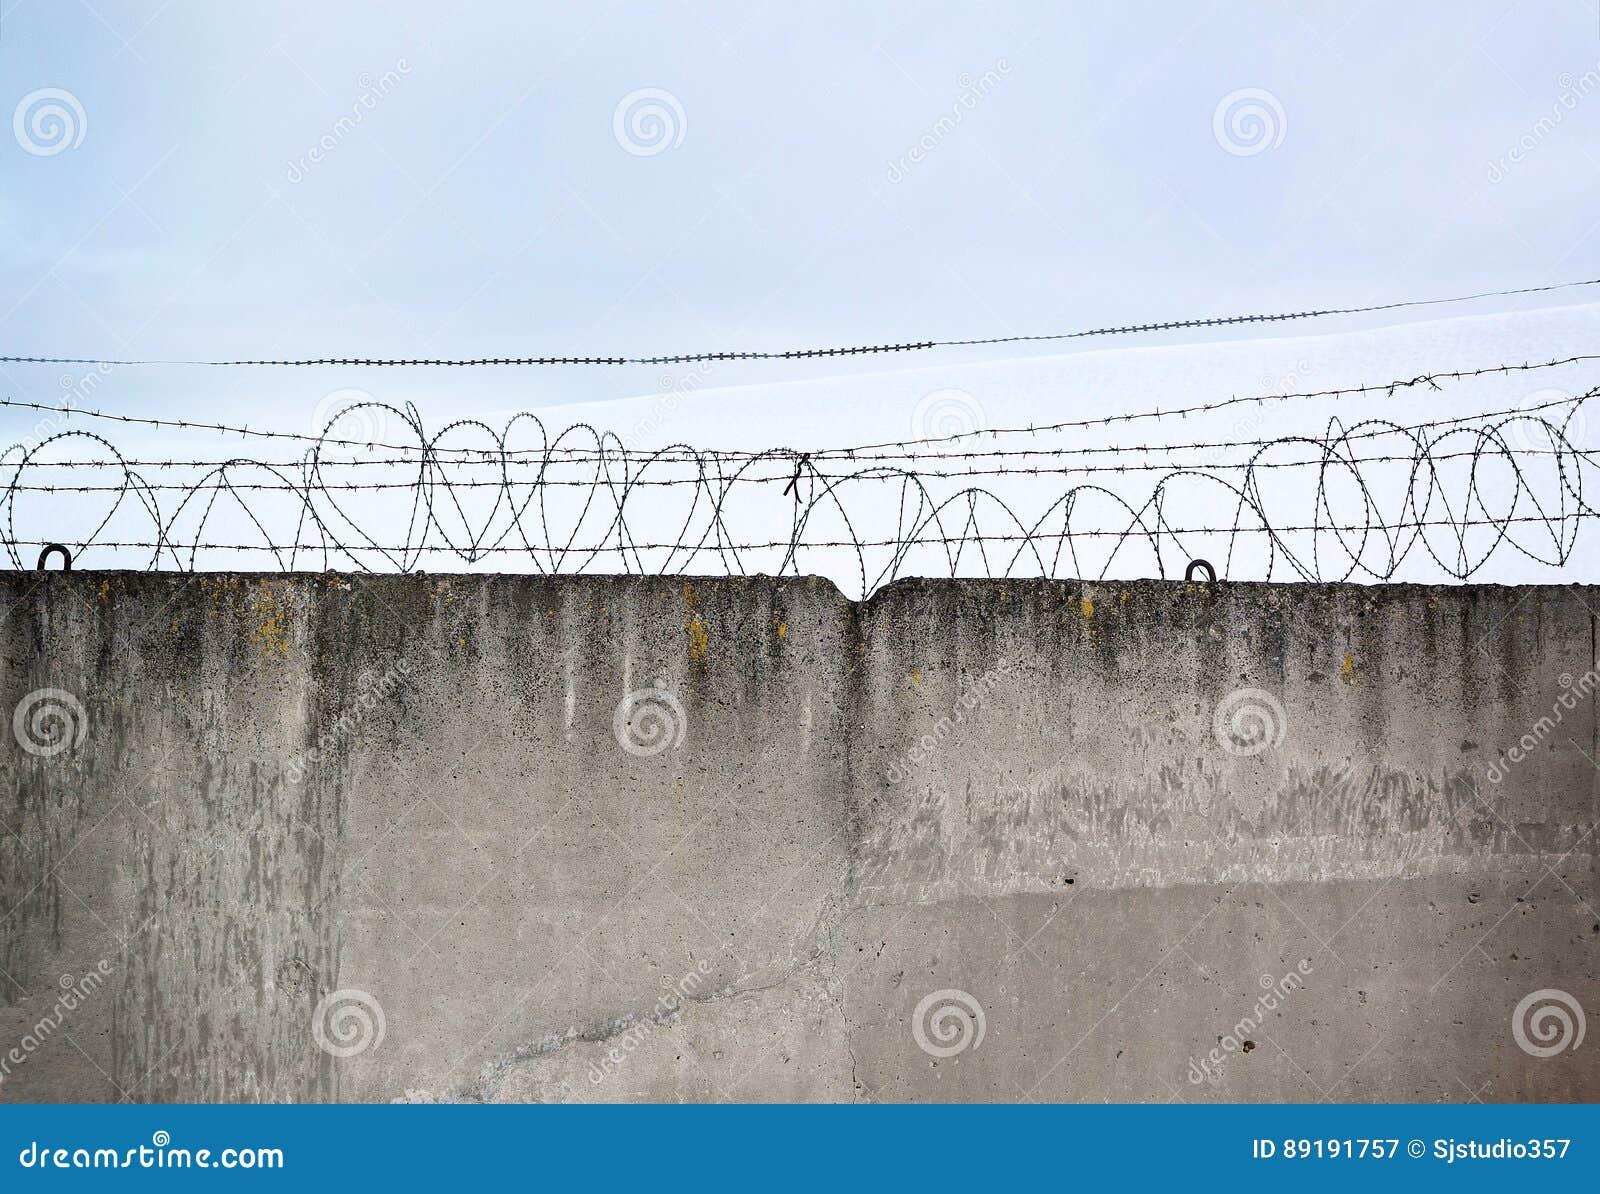 Betonmauer, gegen den Hintergrund des Stacheldrahts, das Konzept